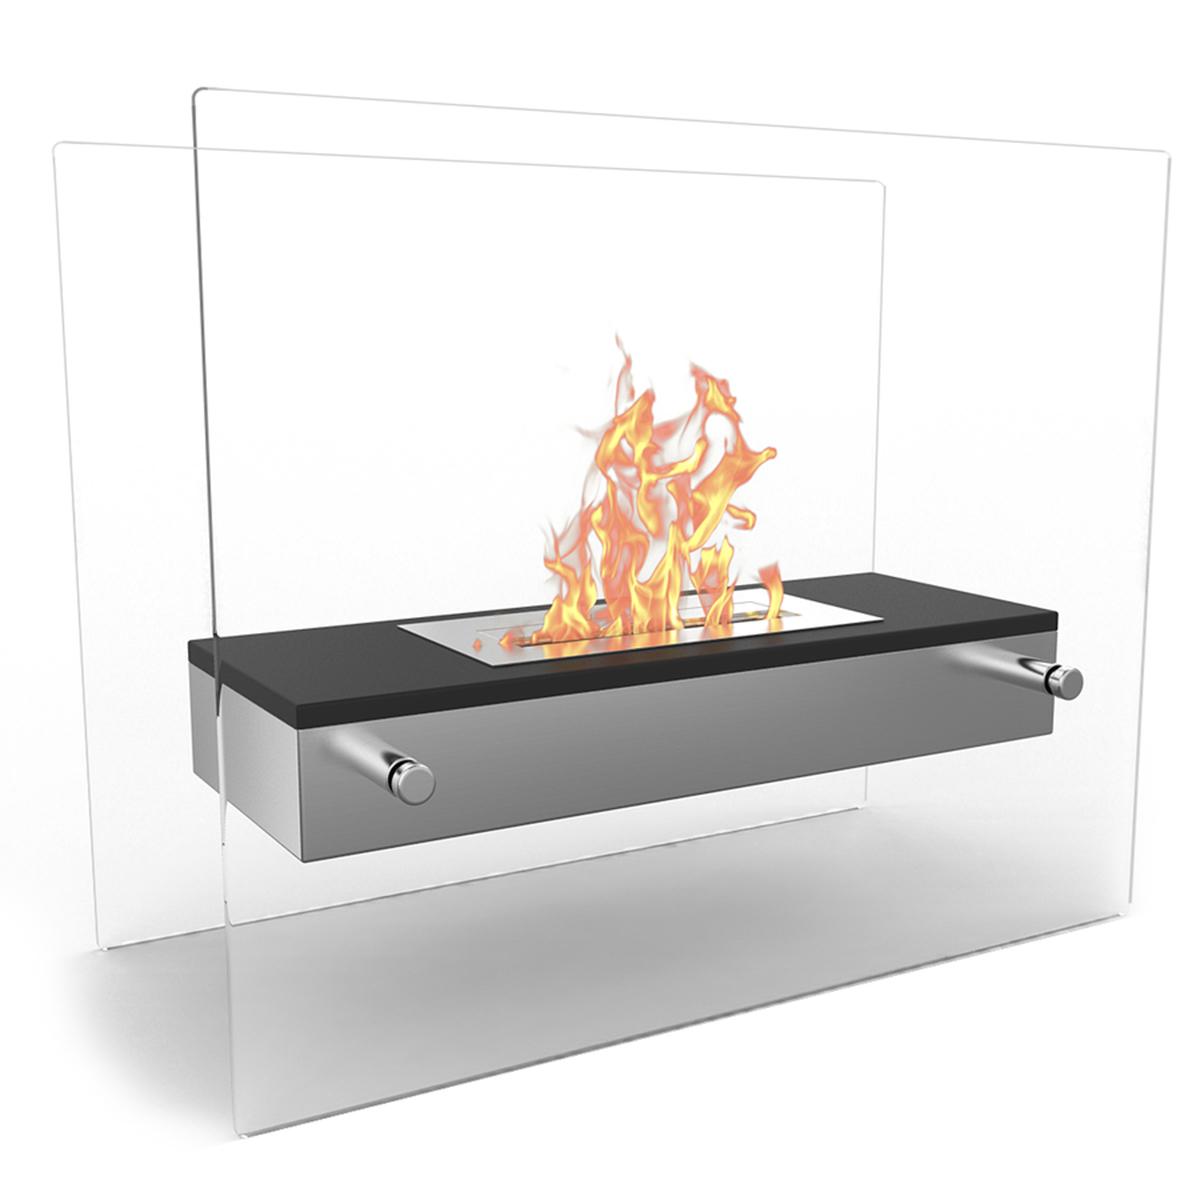 regal flame vista tabletop portable bio ethanol fireplace in black. Black Bedroom Furniture Sets. Home Design Ideas